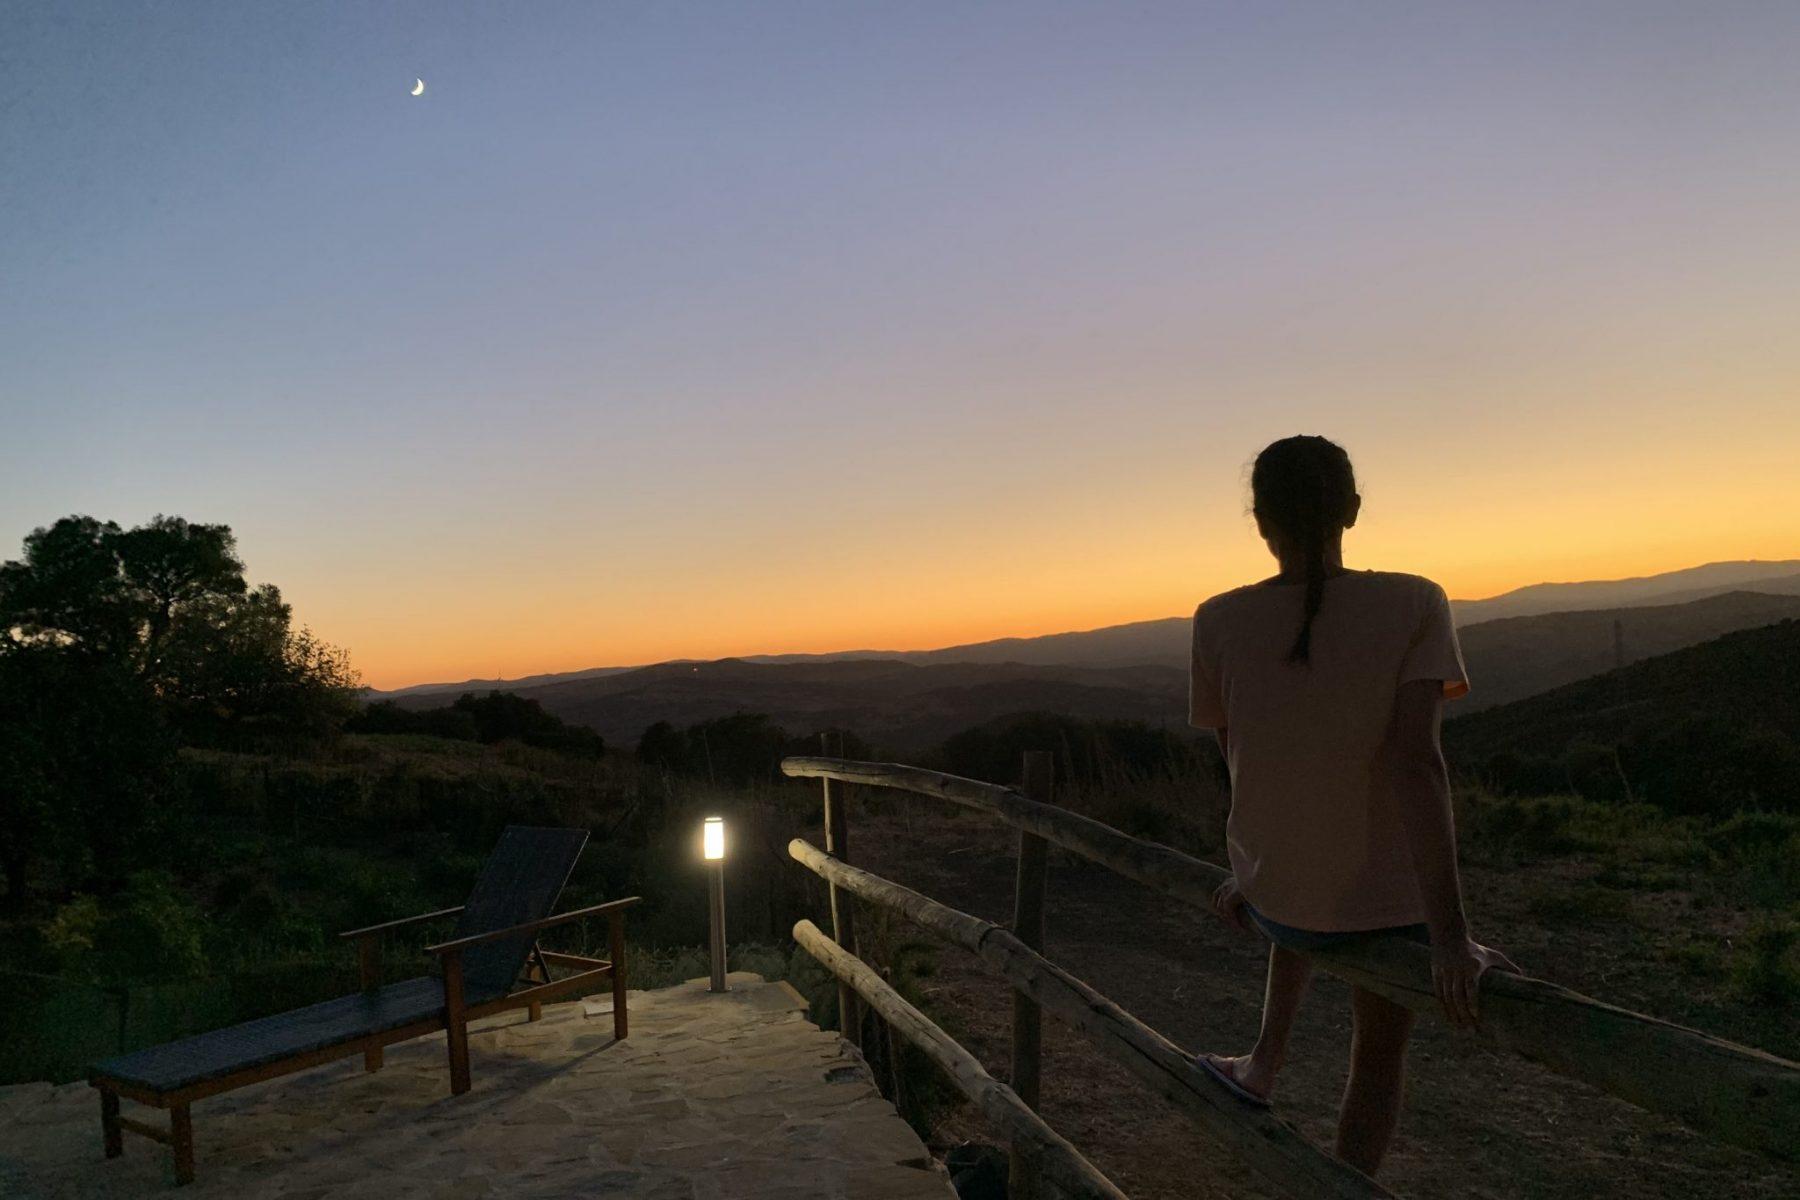 Mágico atardecer, persona observando el sol y la luna